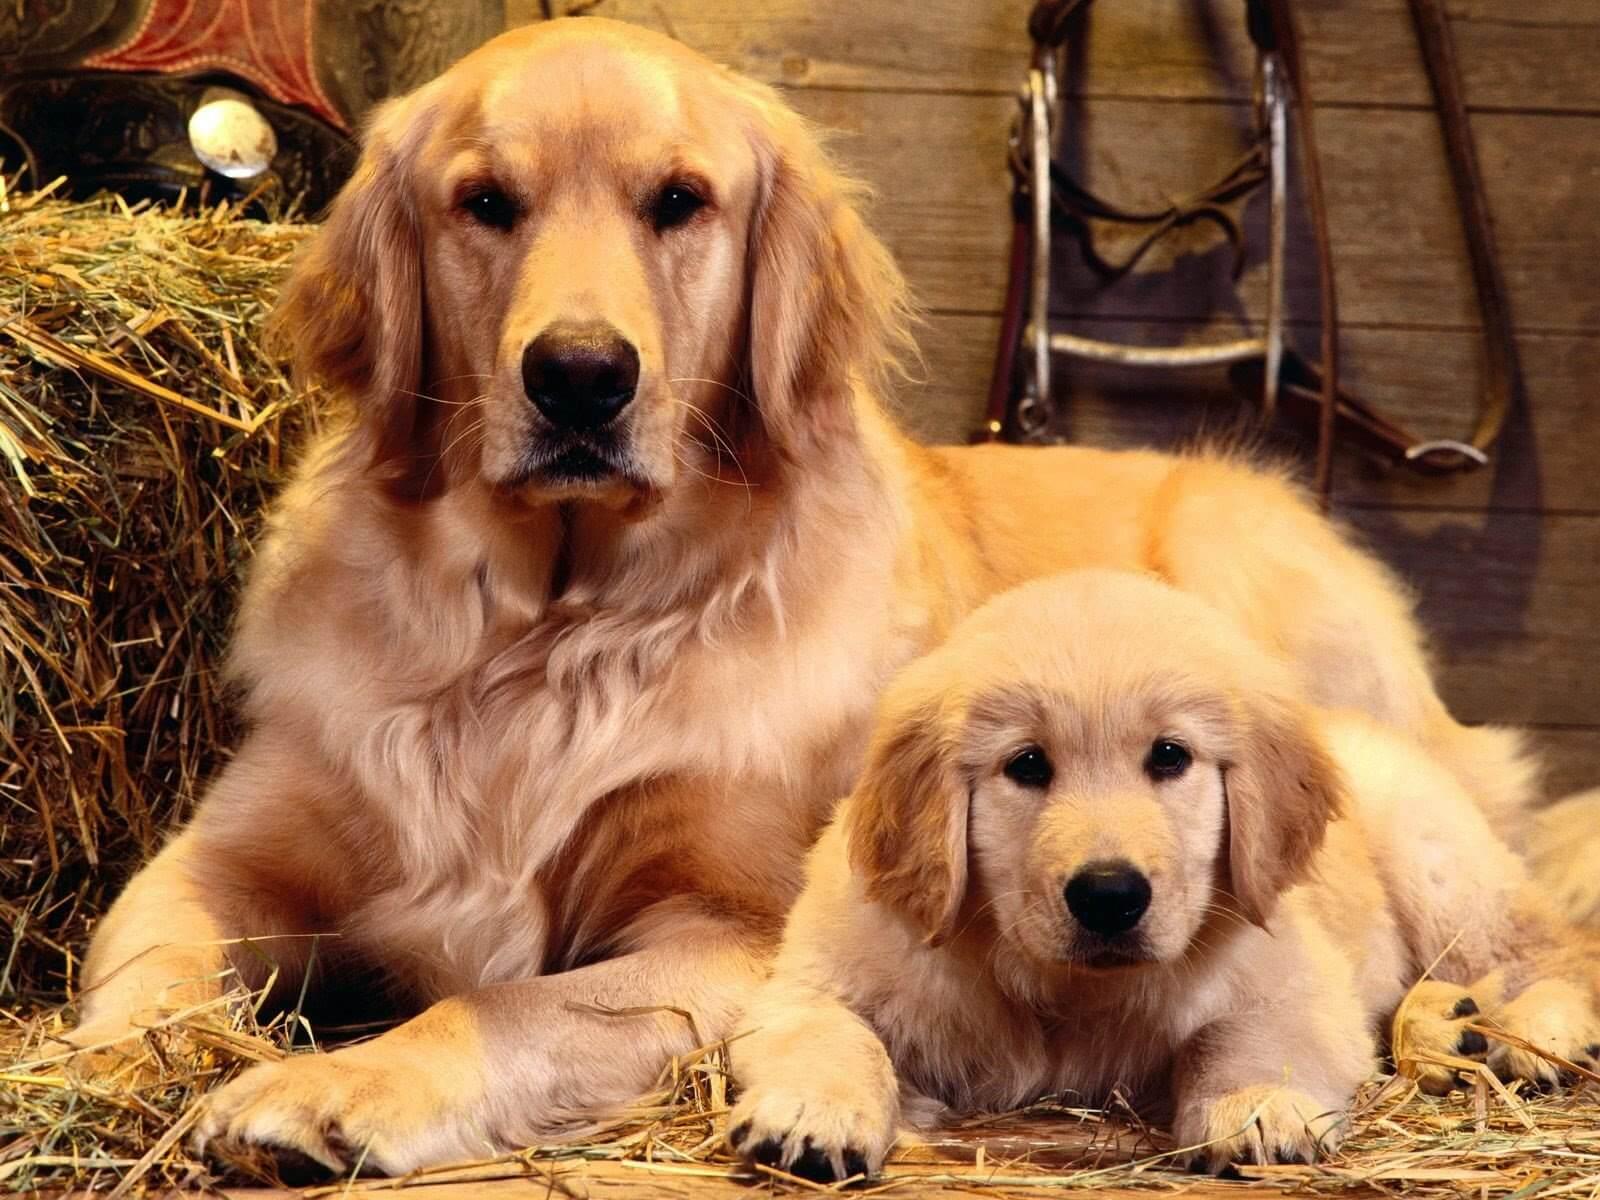 Golden Retriever with puppy